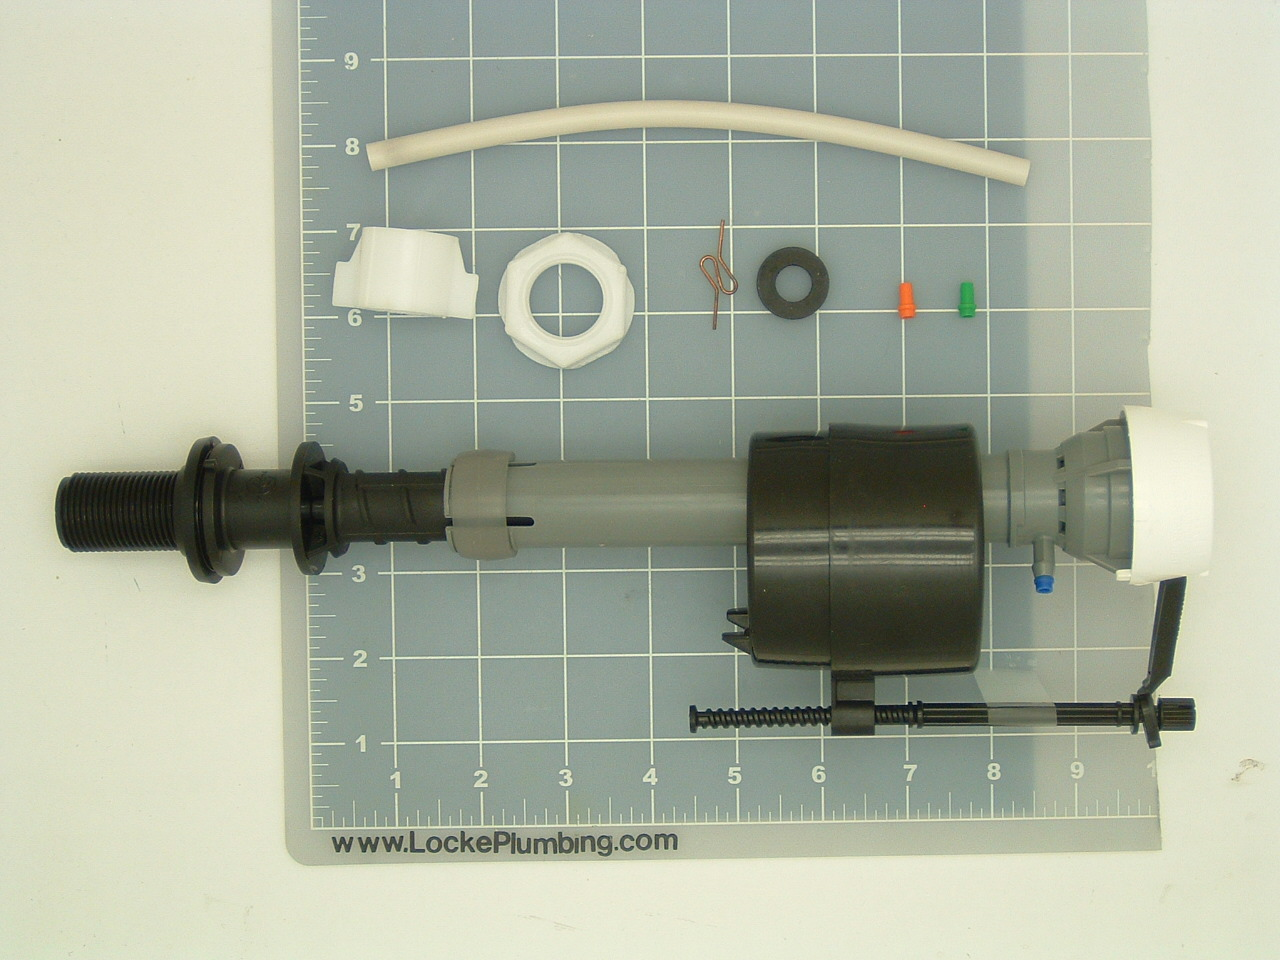 Kohler 87961 Fill Valve NEW NUMBER GP1138930 - Locke Plumbing